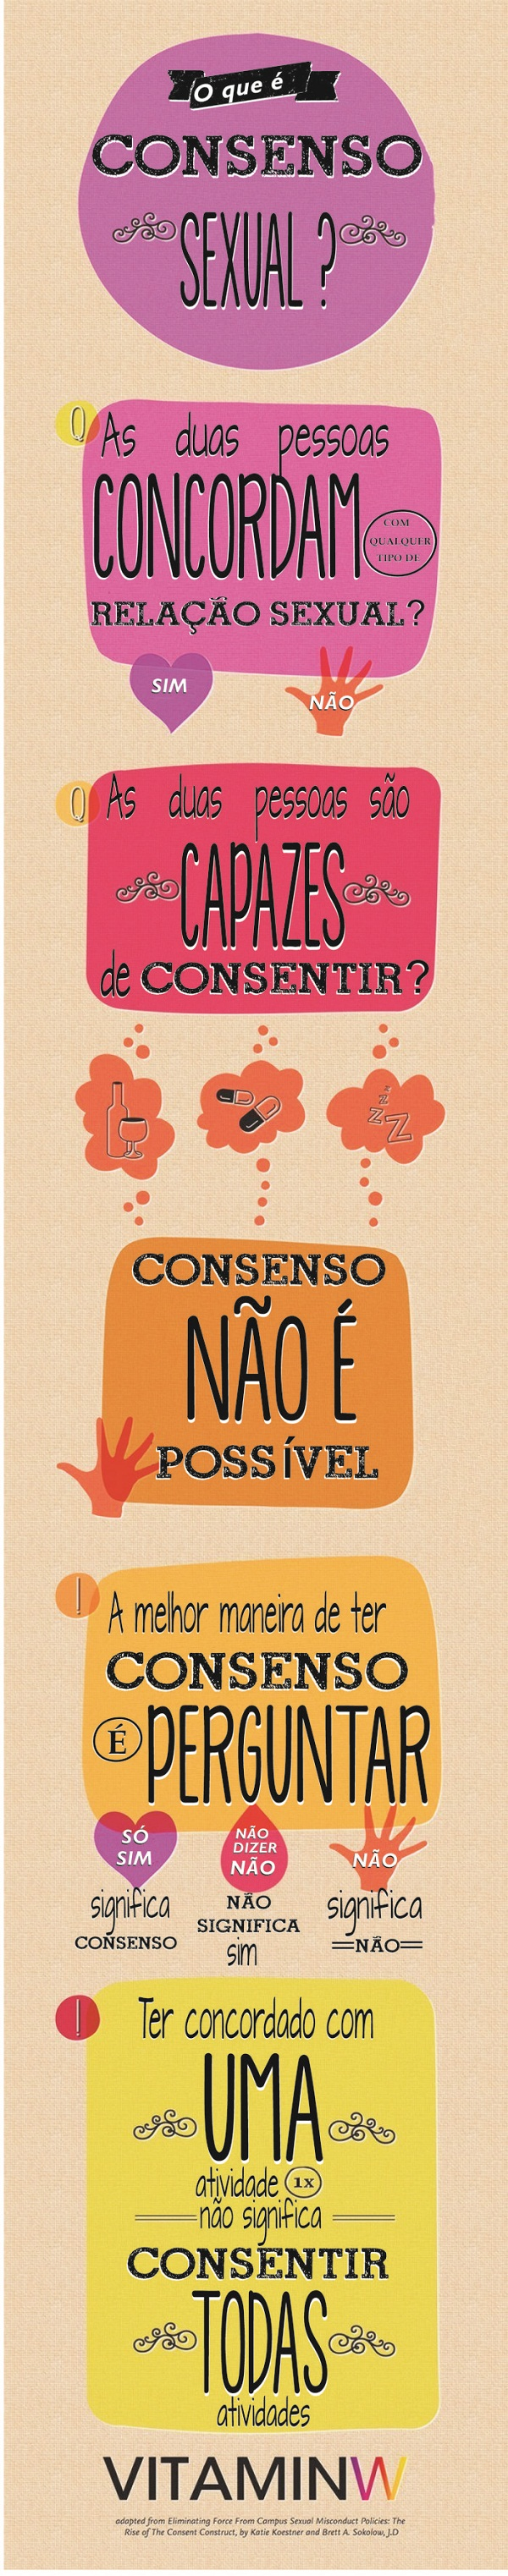 Crédito:  Image+Language / Jana Marie Soroczak  www.imagelanguage.com